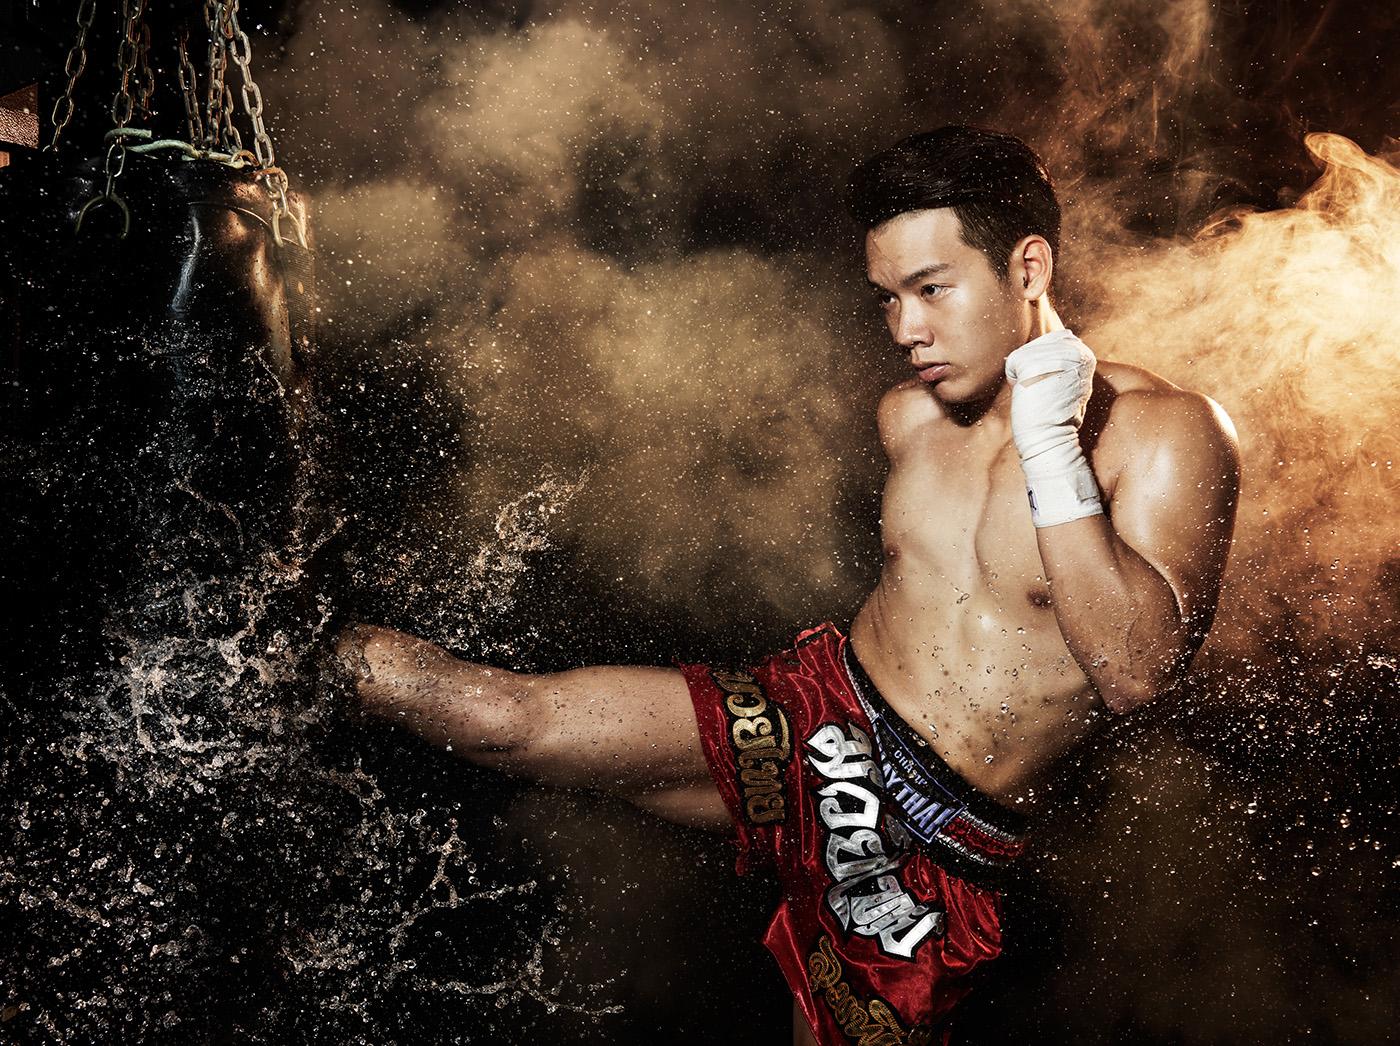 смотреть картинки тайского бокса гевары